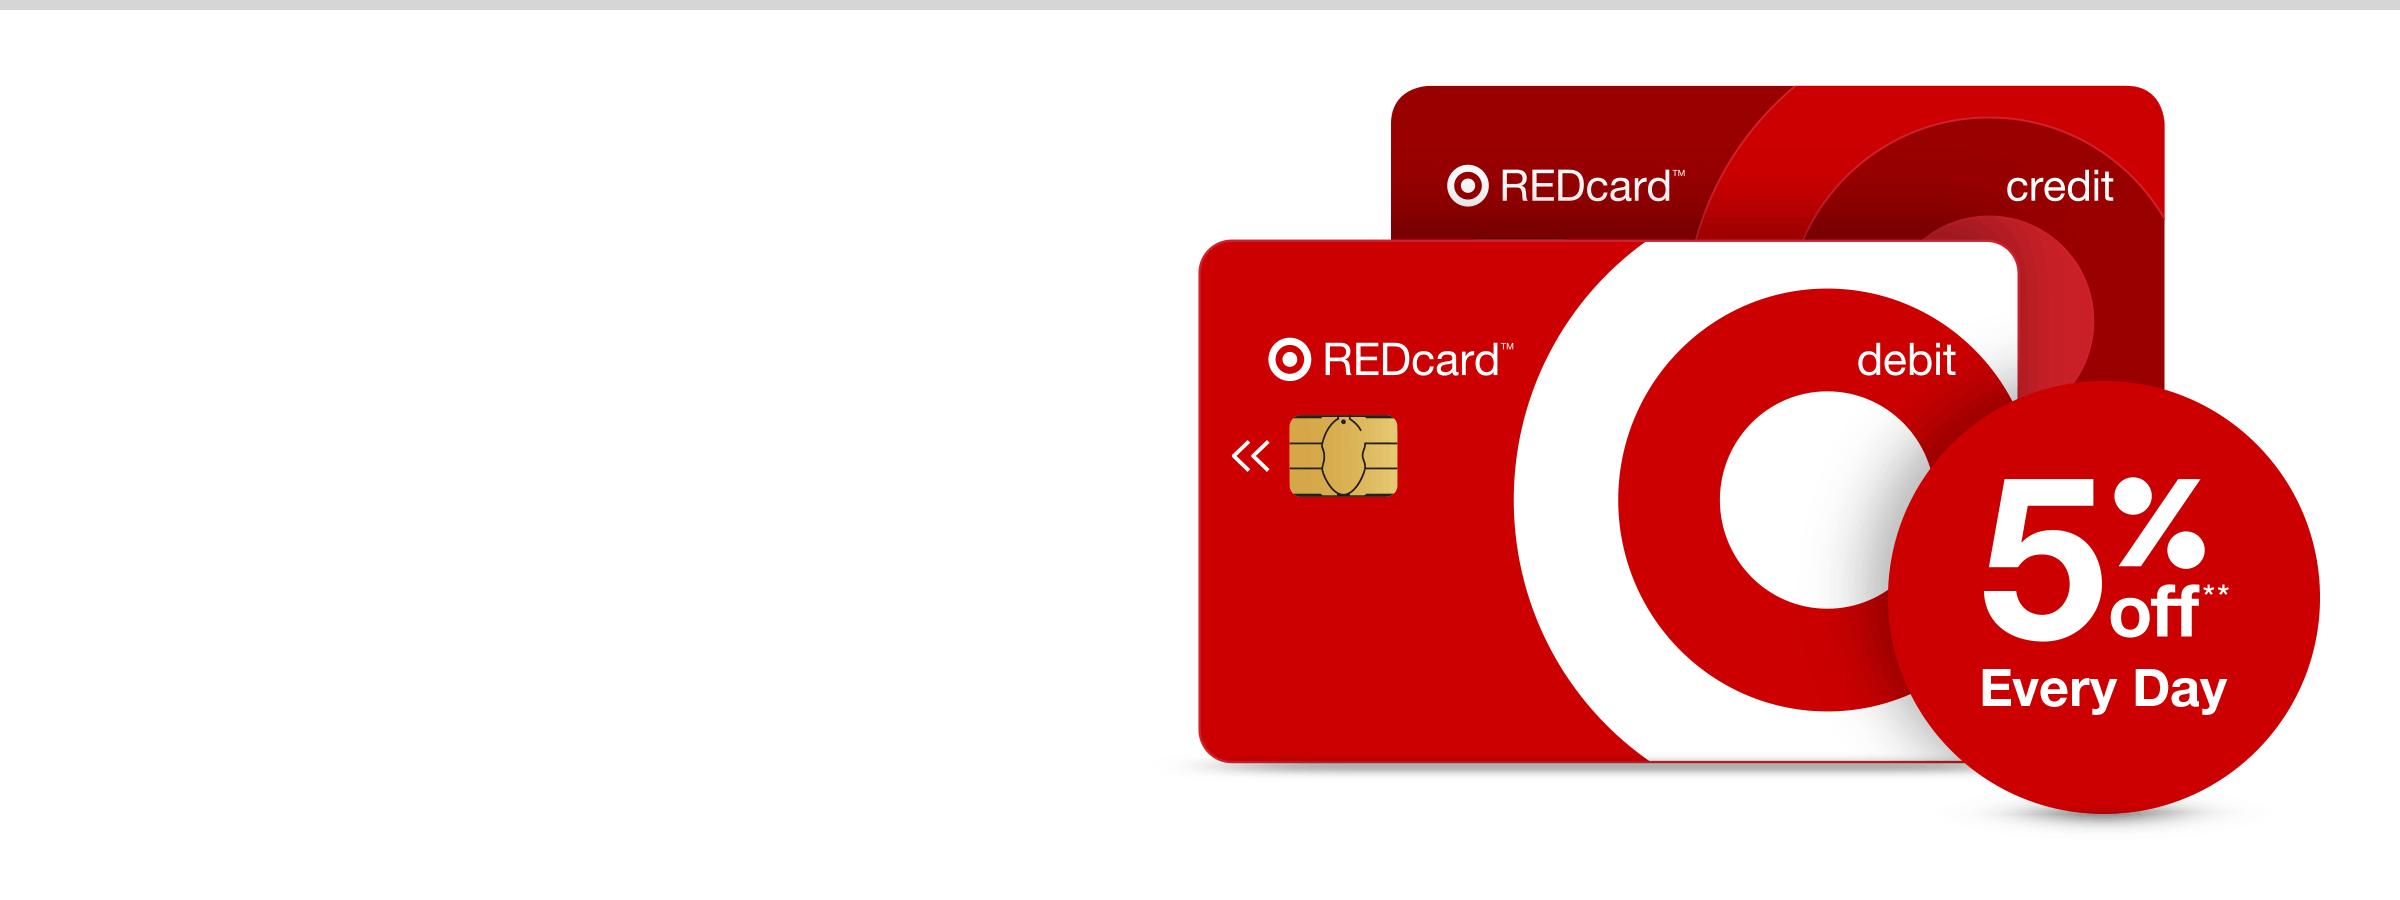 REDcard : Target